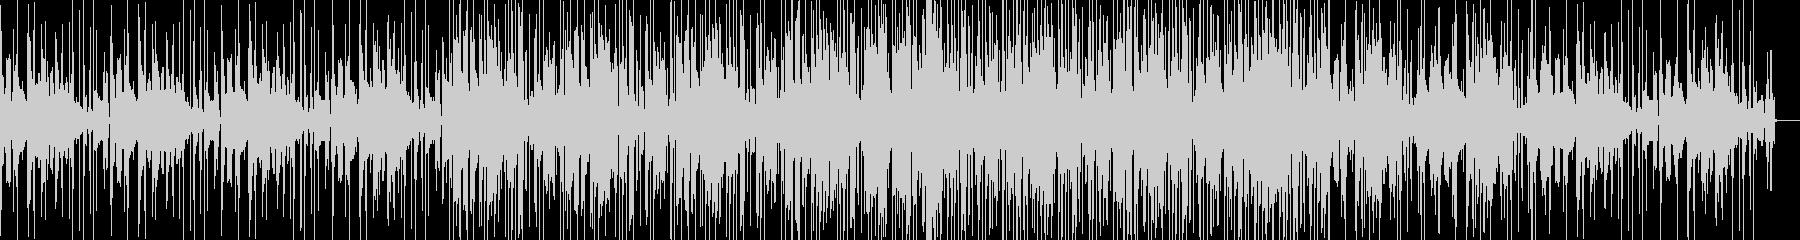 グリッチが目立つエレクトロニカの未再生の波形